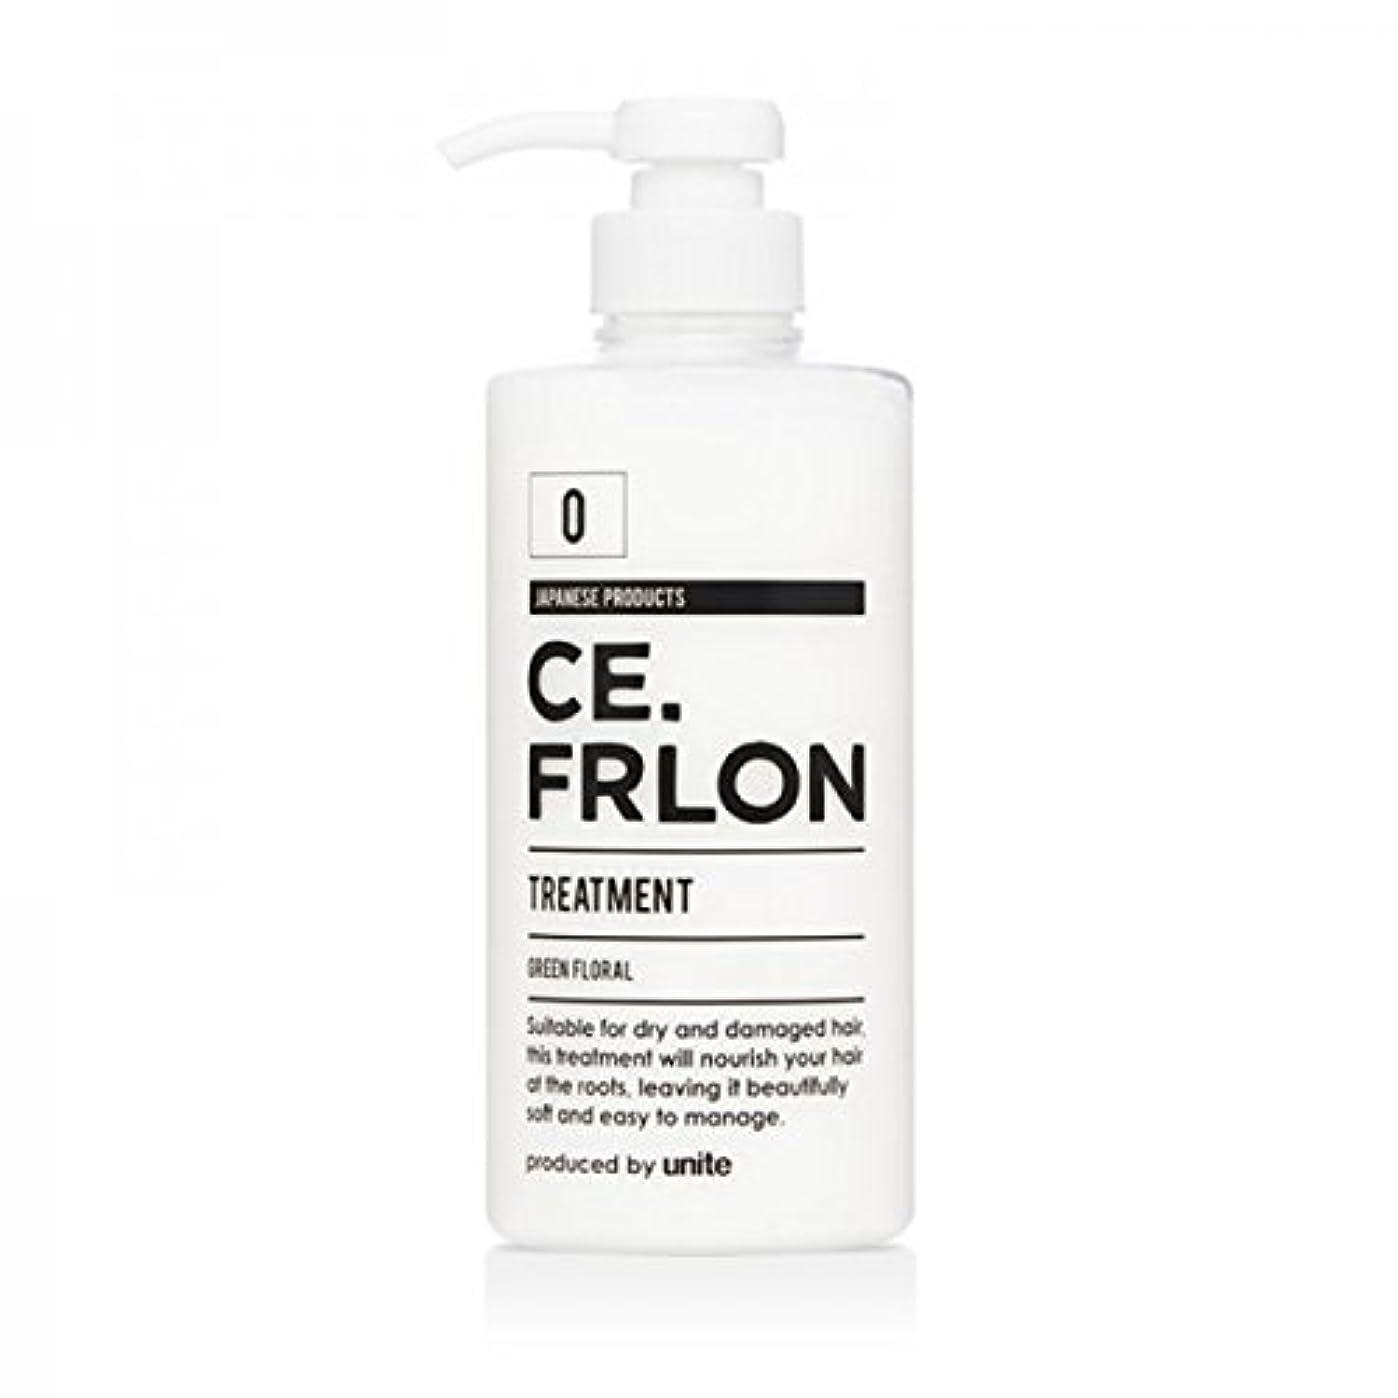 蜜屋内器具トリートメント 500g CE.FRLON (美容師が開発したヘアケア商品)